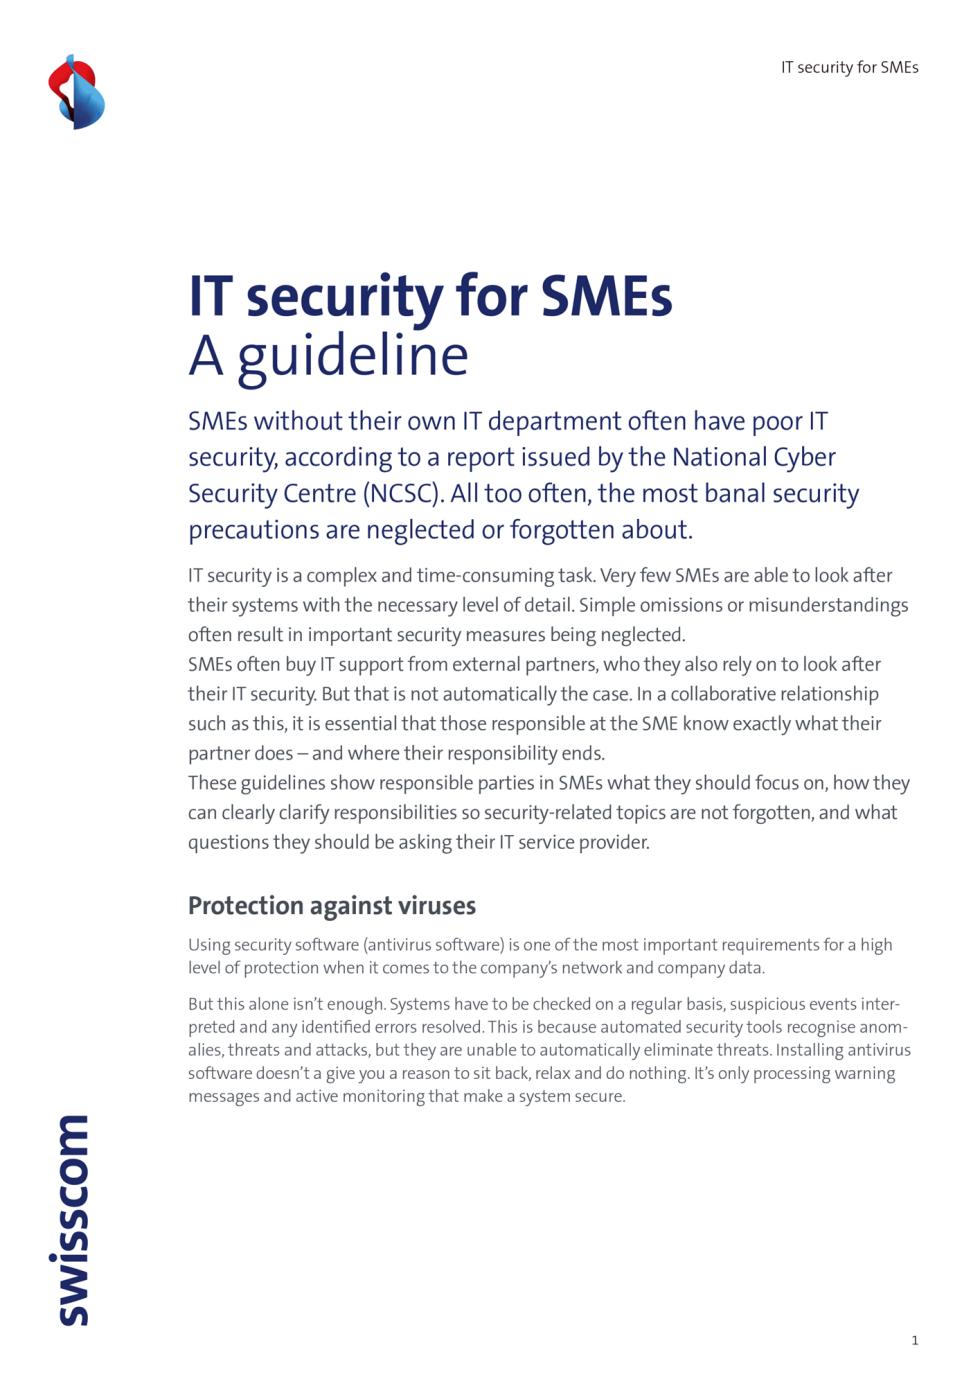 B2C-Swisscom-Guideline-IT-Security-SME-2020-ENG-v3.indd